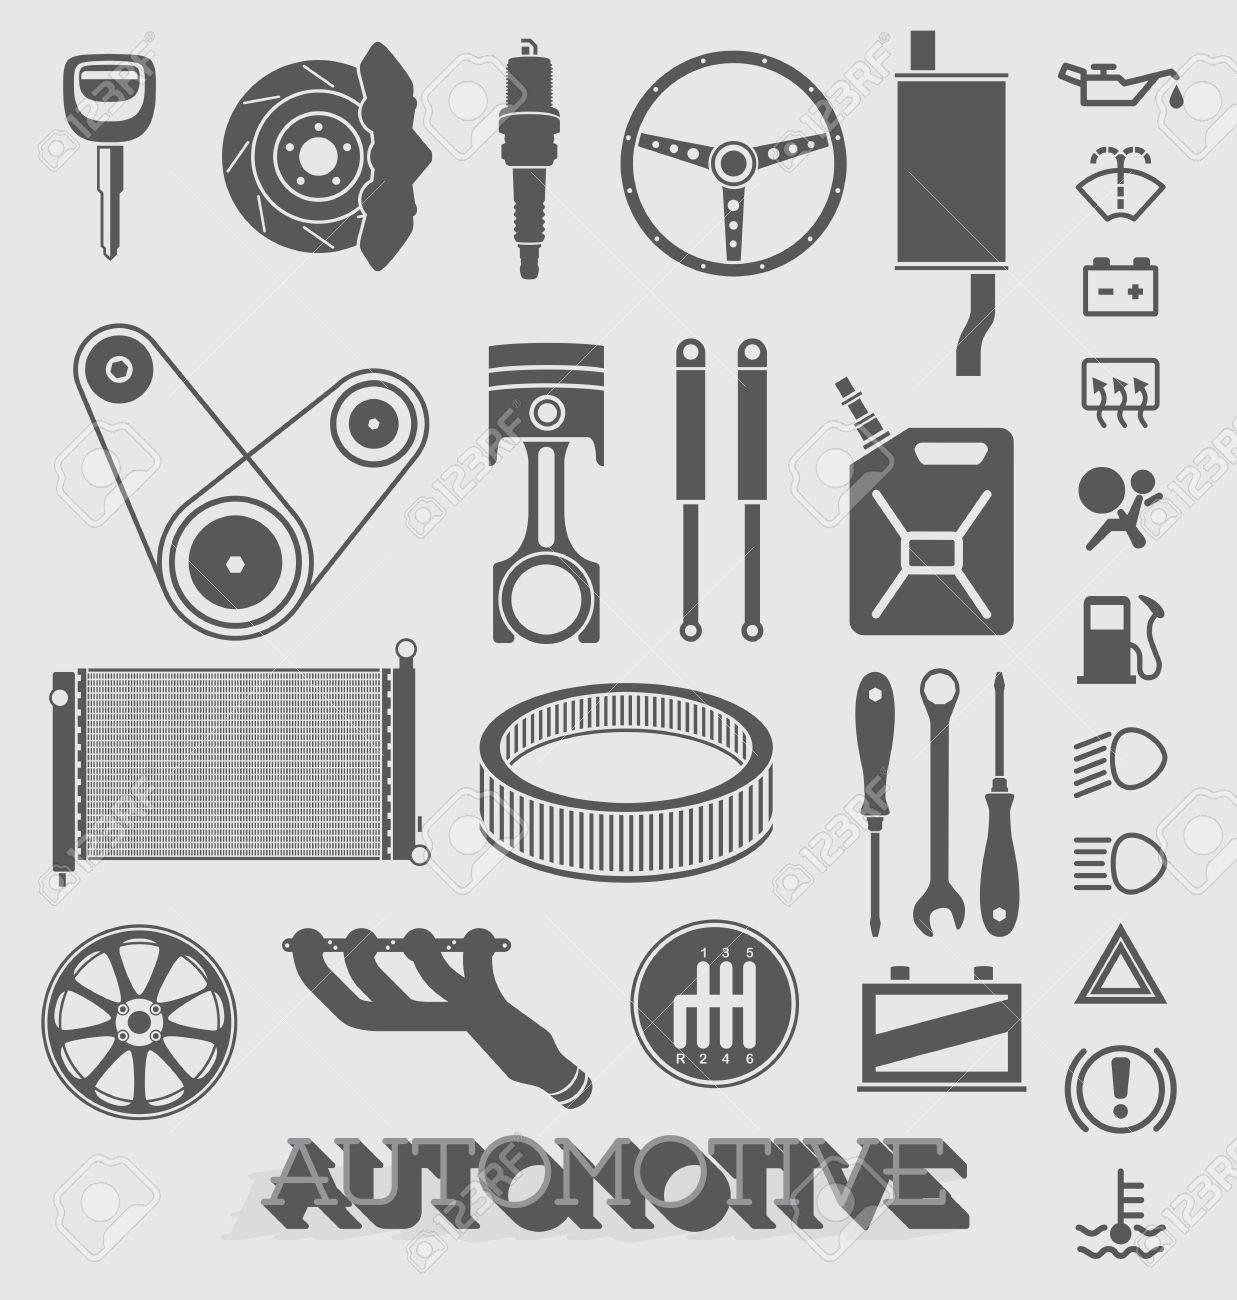 自動車部品のアイコン セット ロイヤリティフリークリップアート